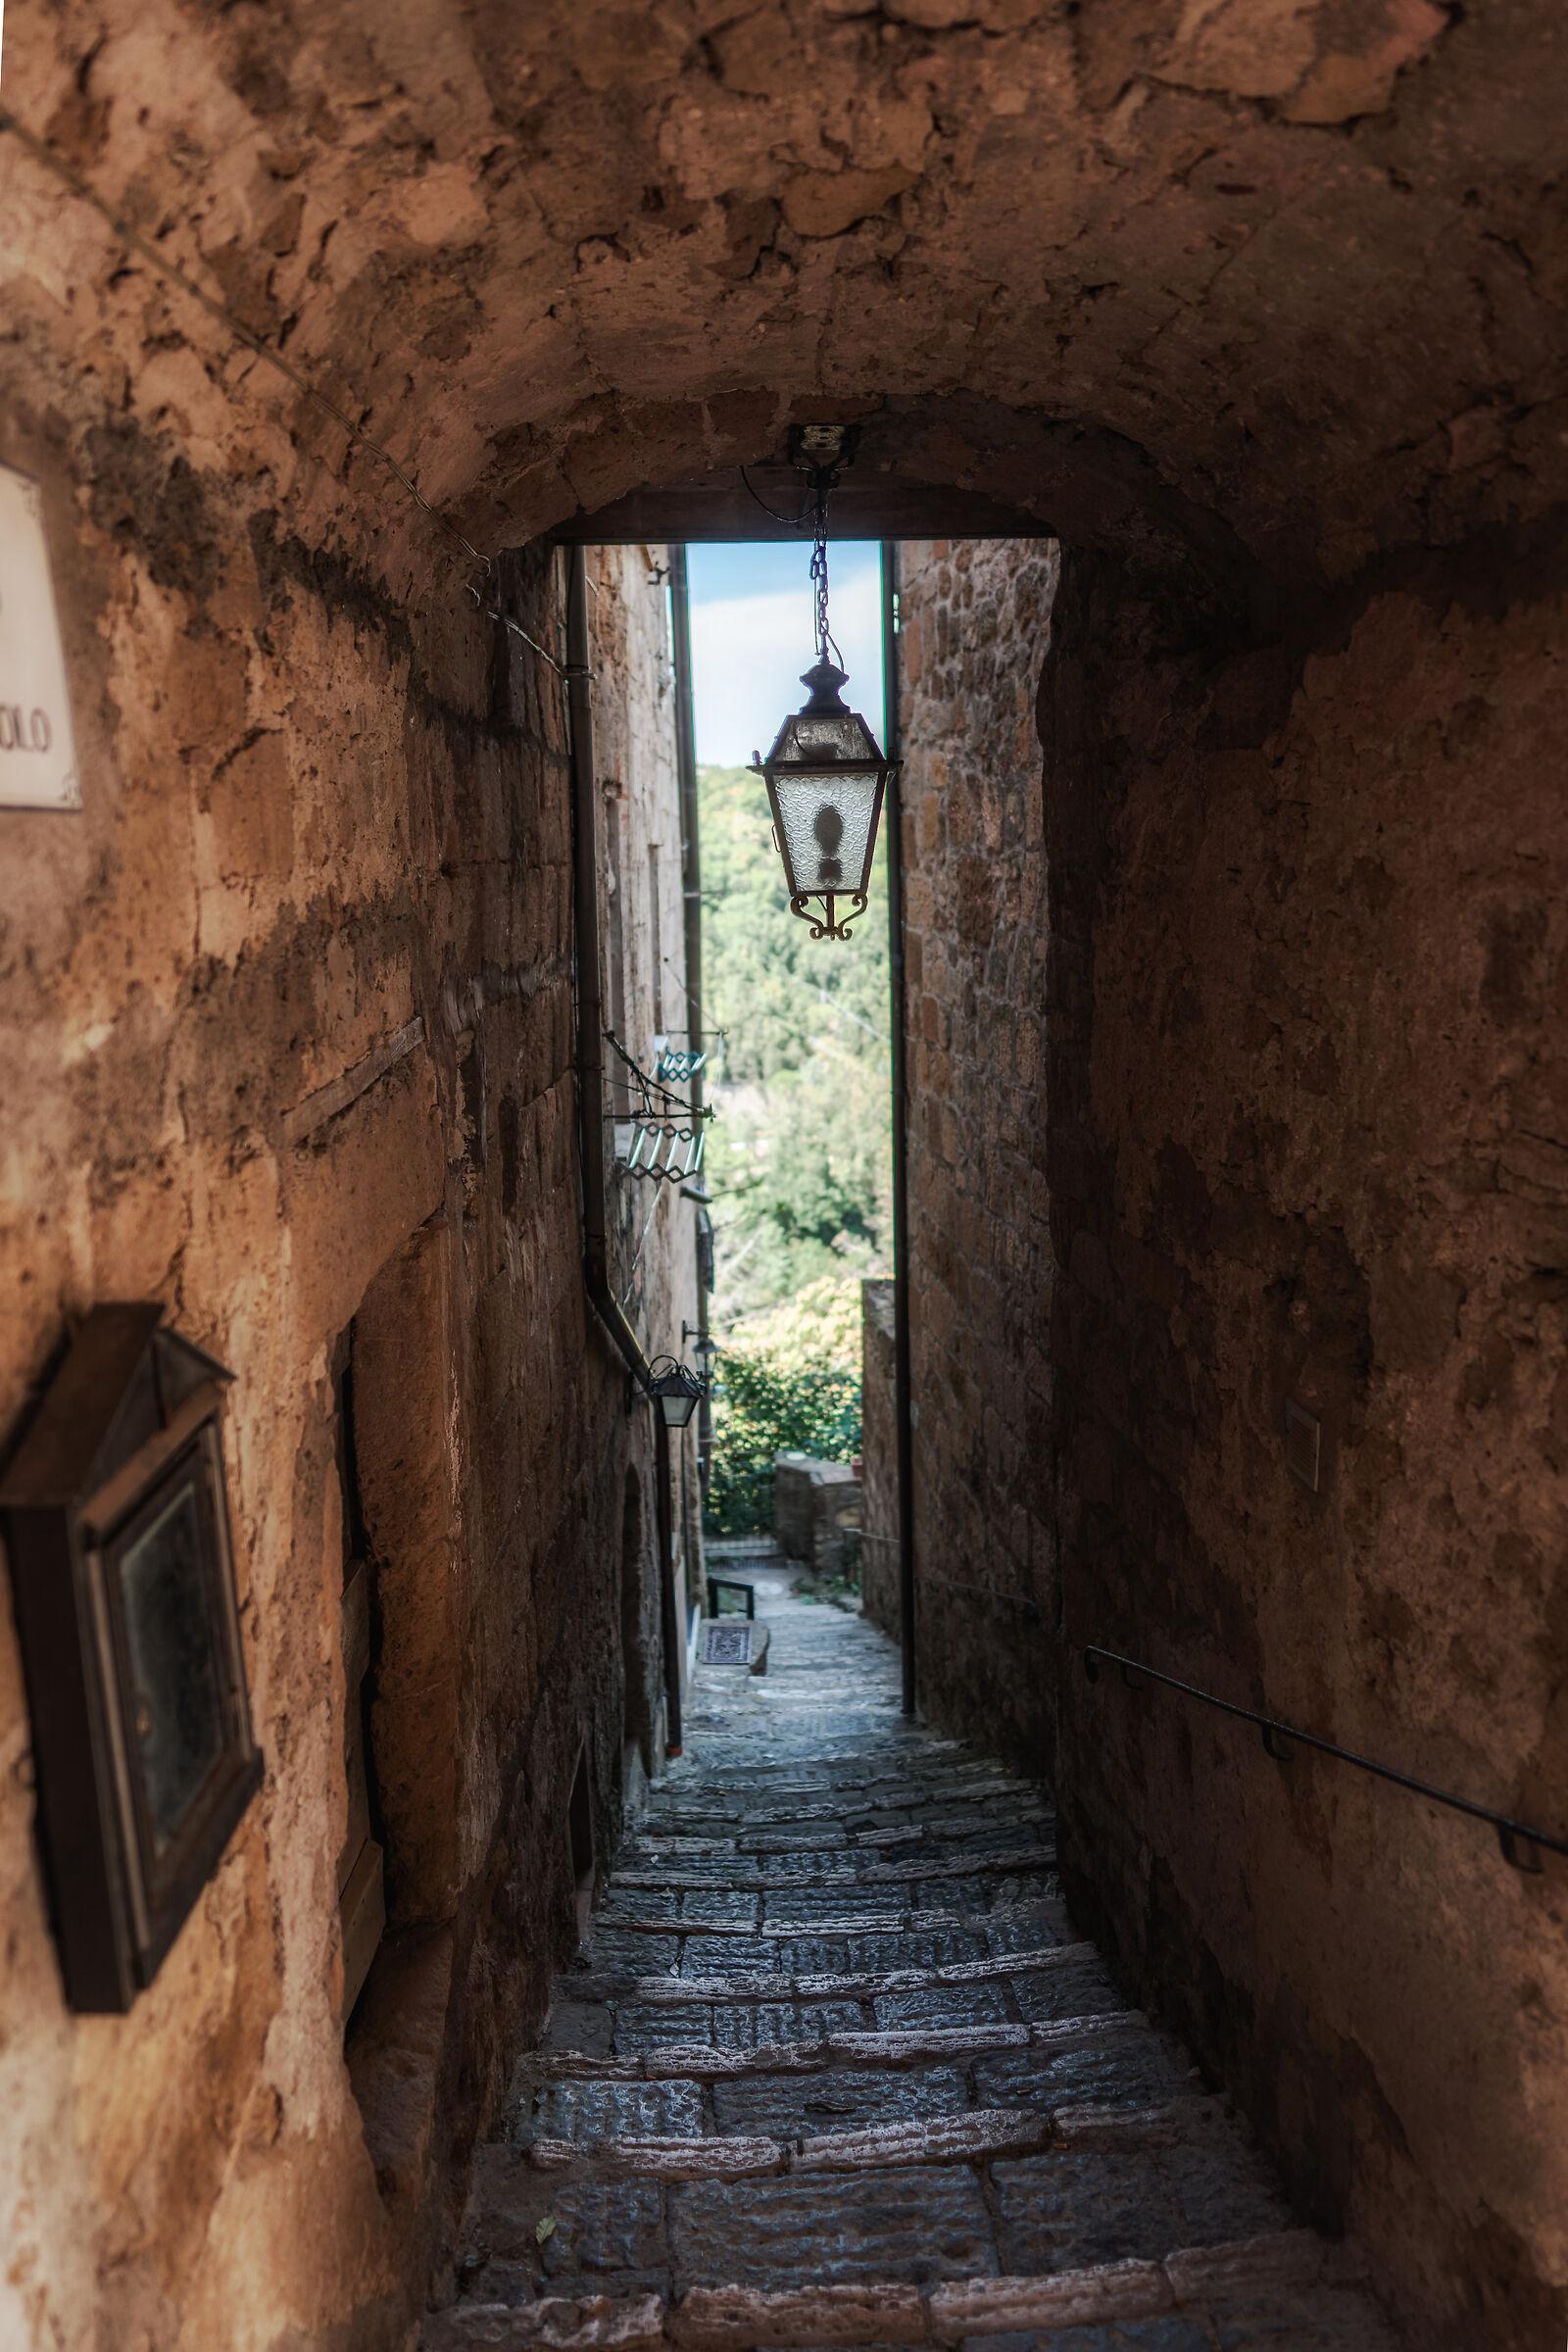 Vicoletto in Pitigliano...